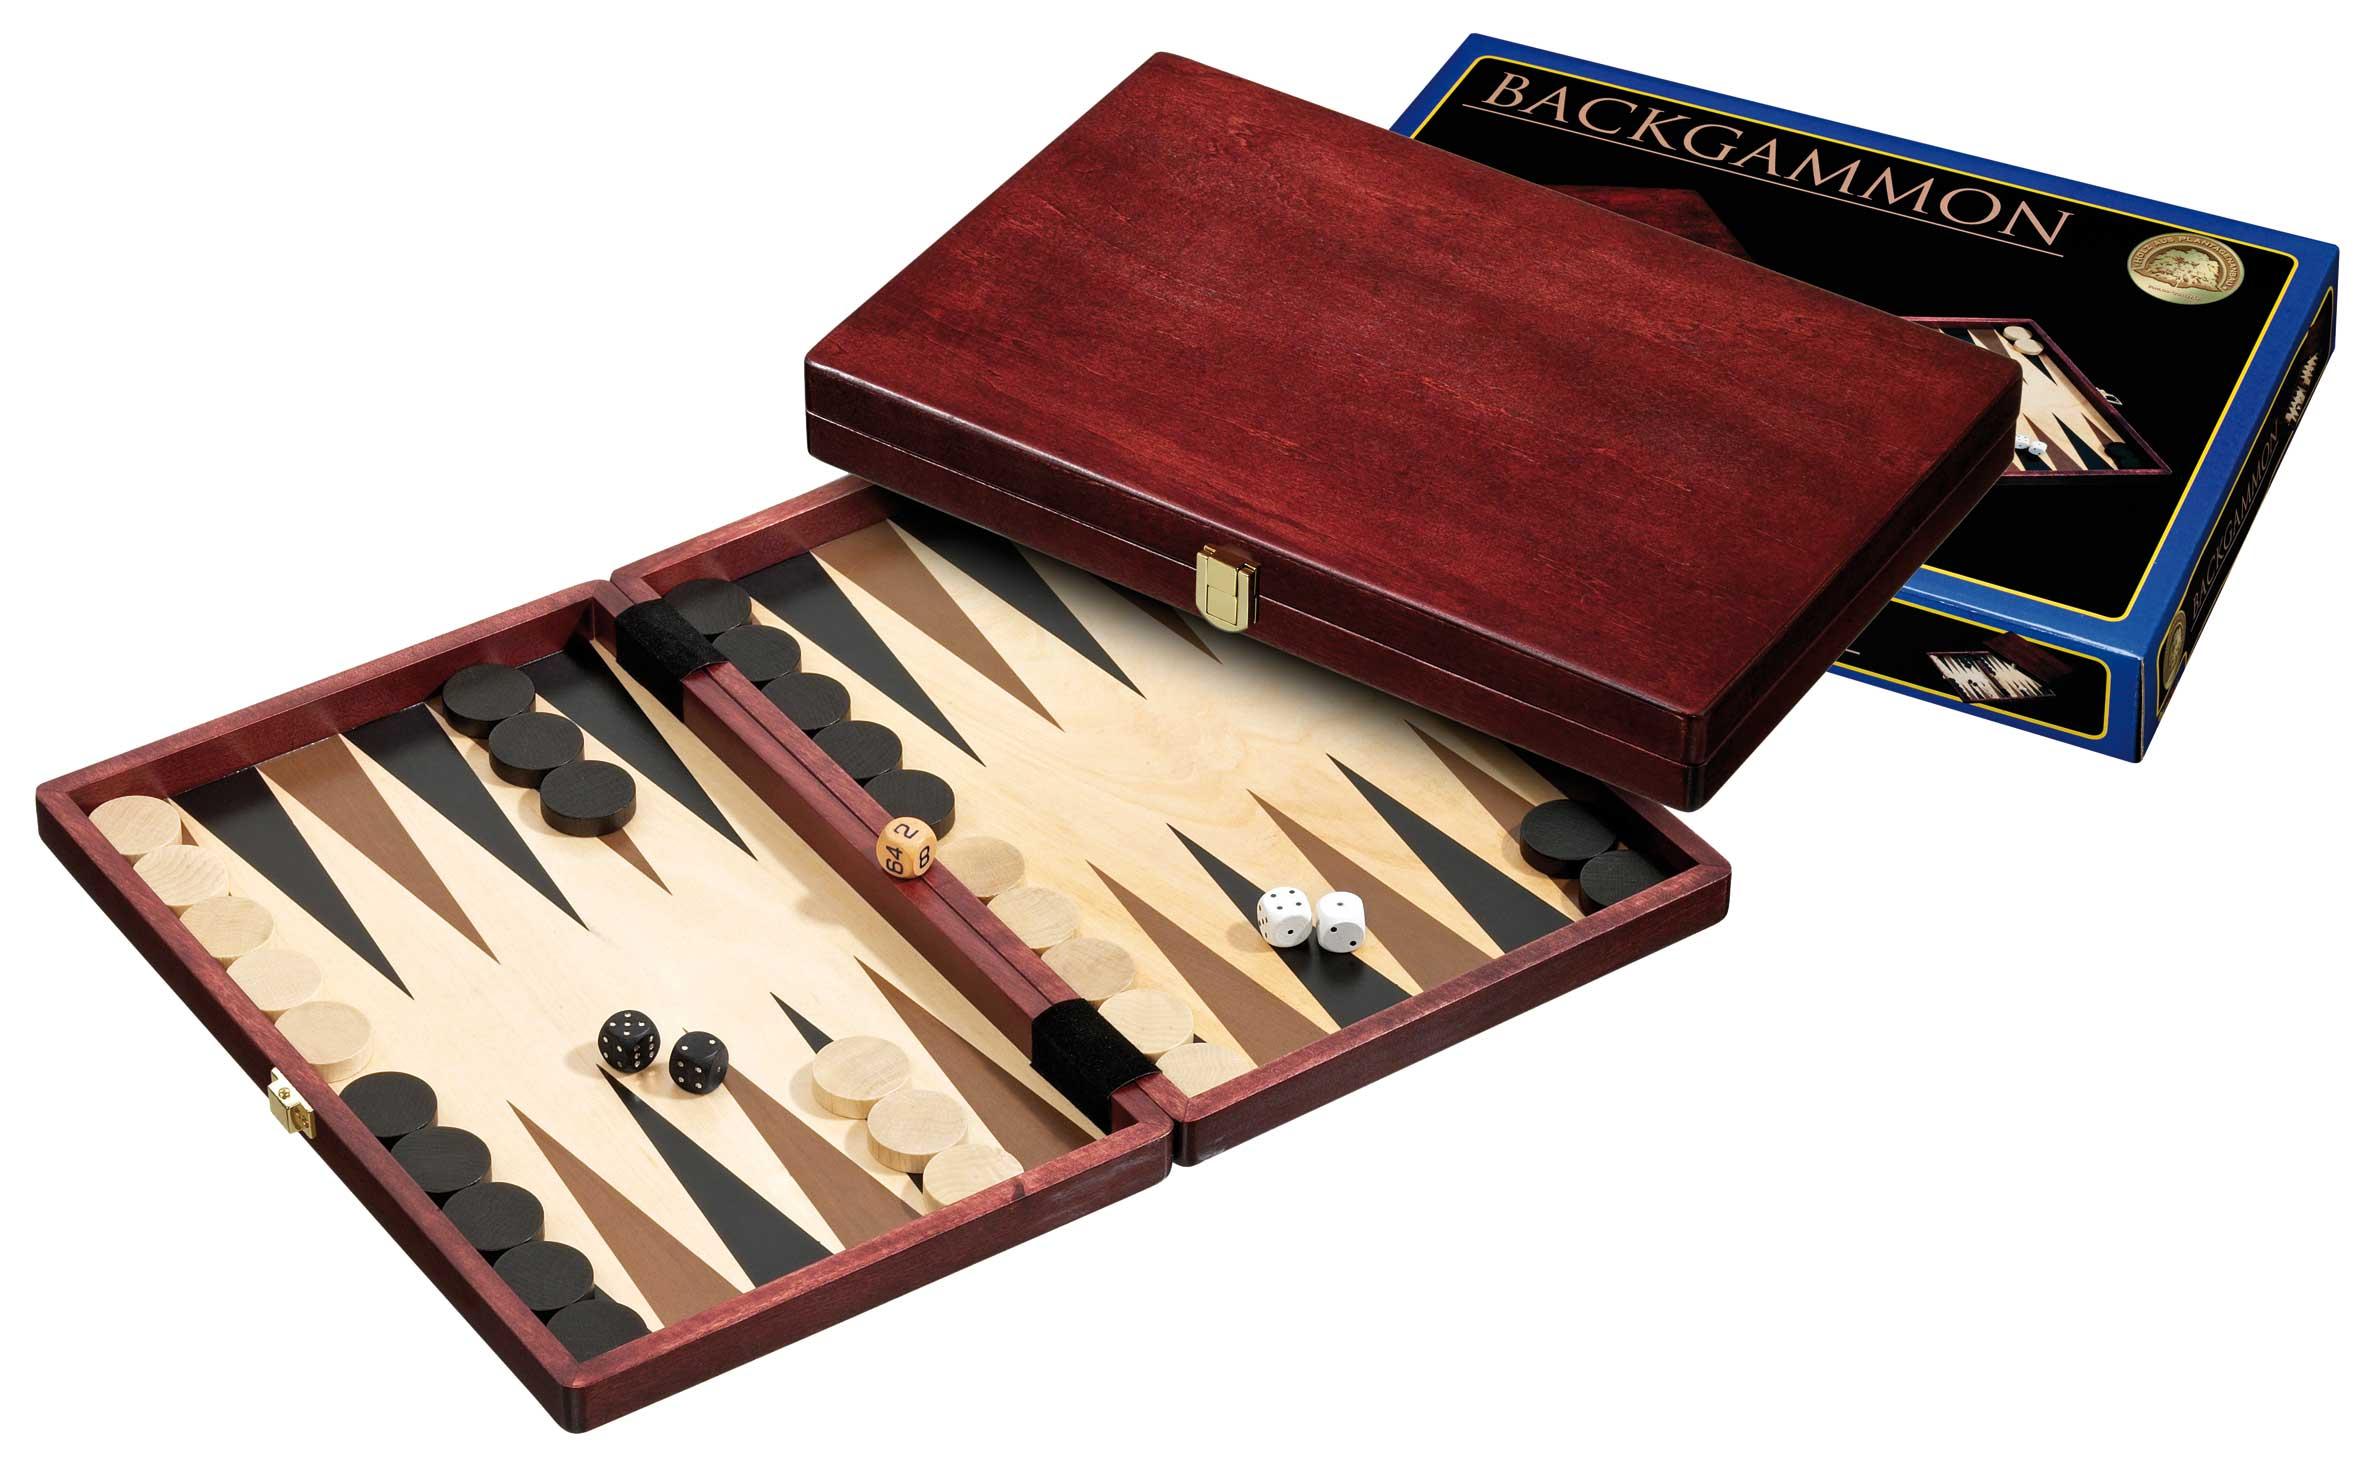 backgammon spiel kaufen machen sie den preisvergleich bei nextag. Black Bedroom Furniture Sets. Home Design Ideas